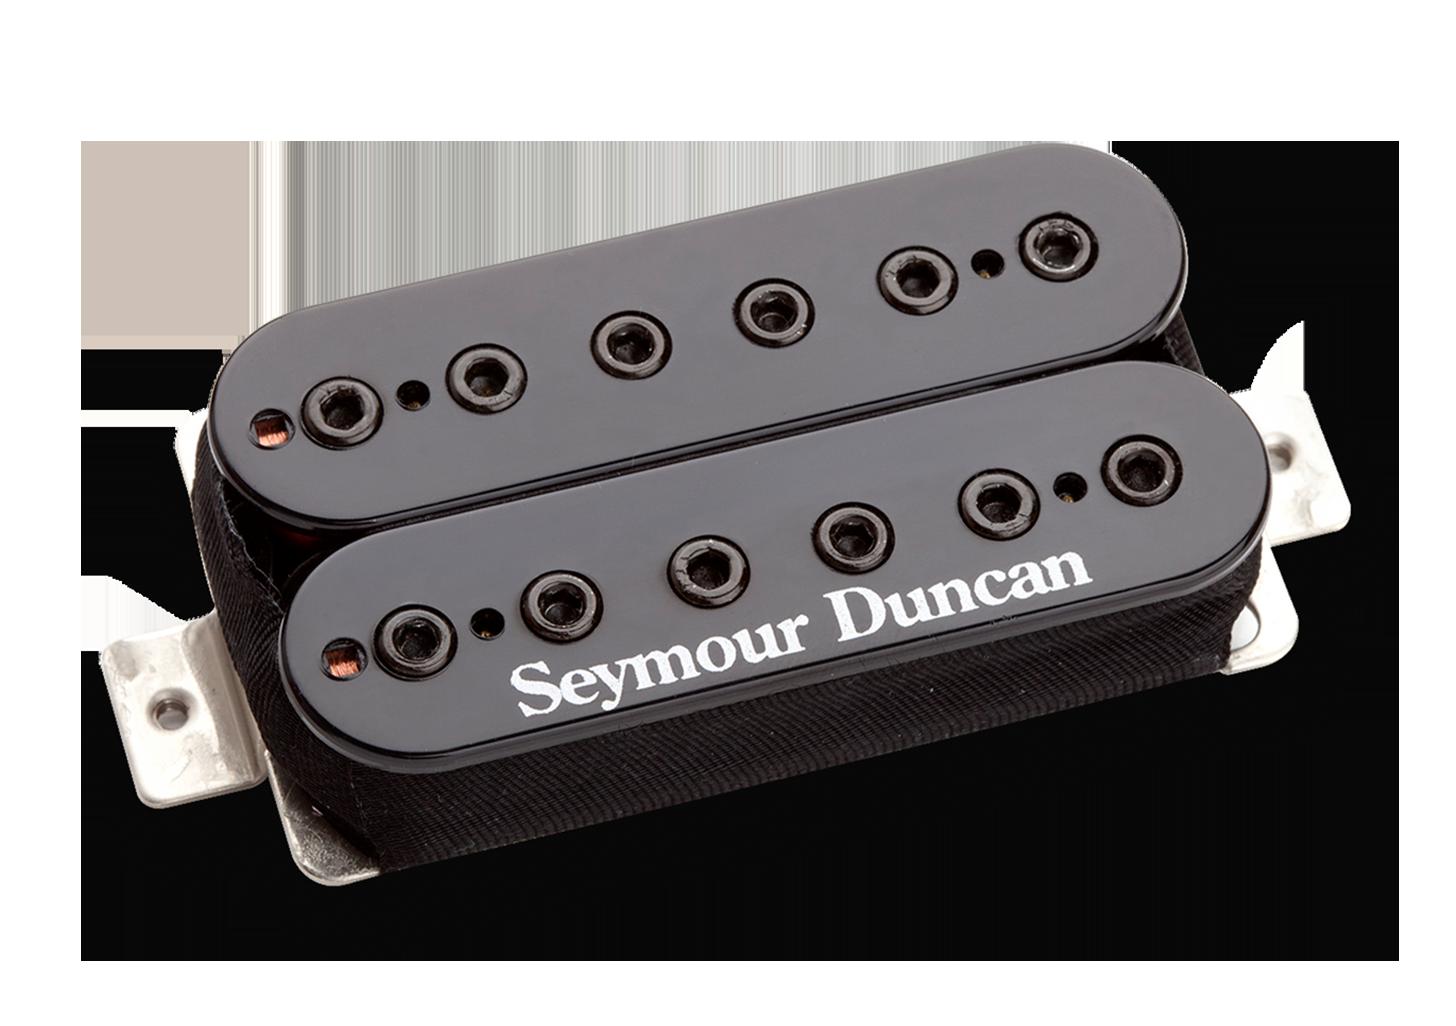 Seymour Duncan Full Shred Humbucker - SH-10N Neck Black